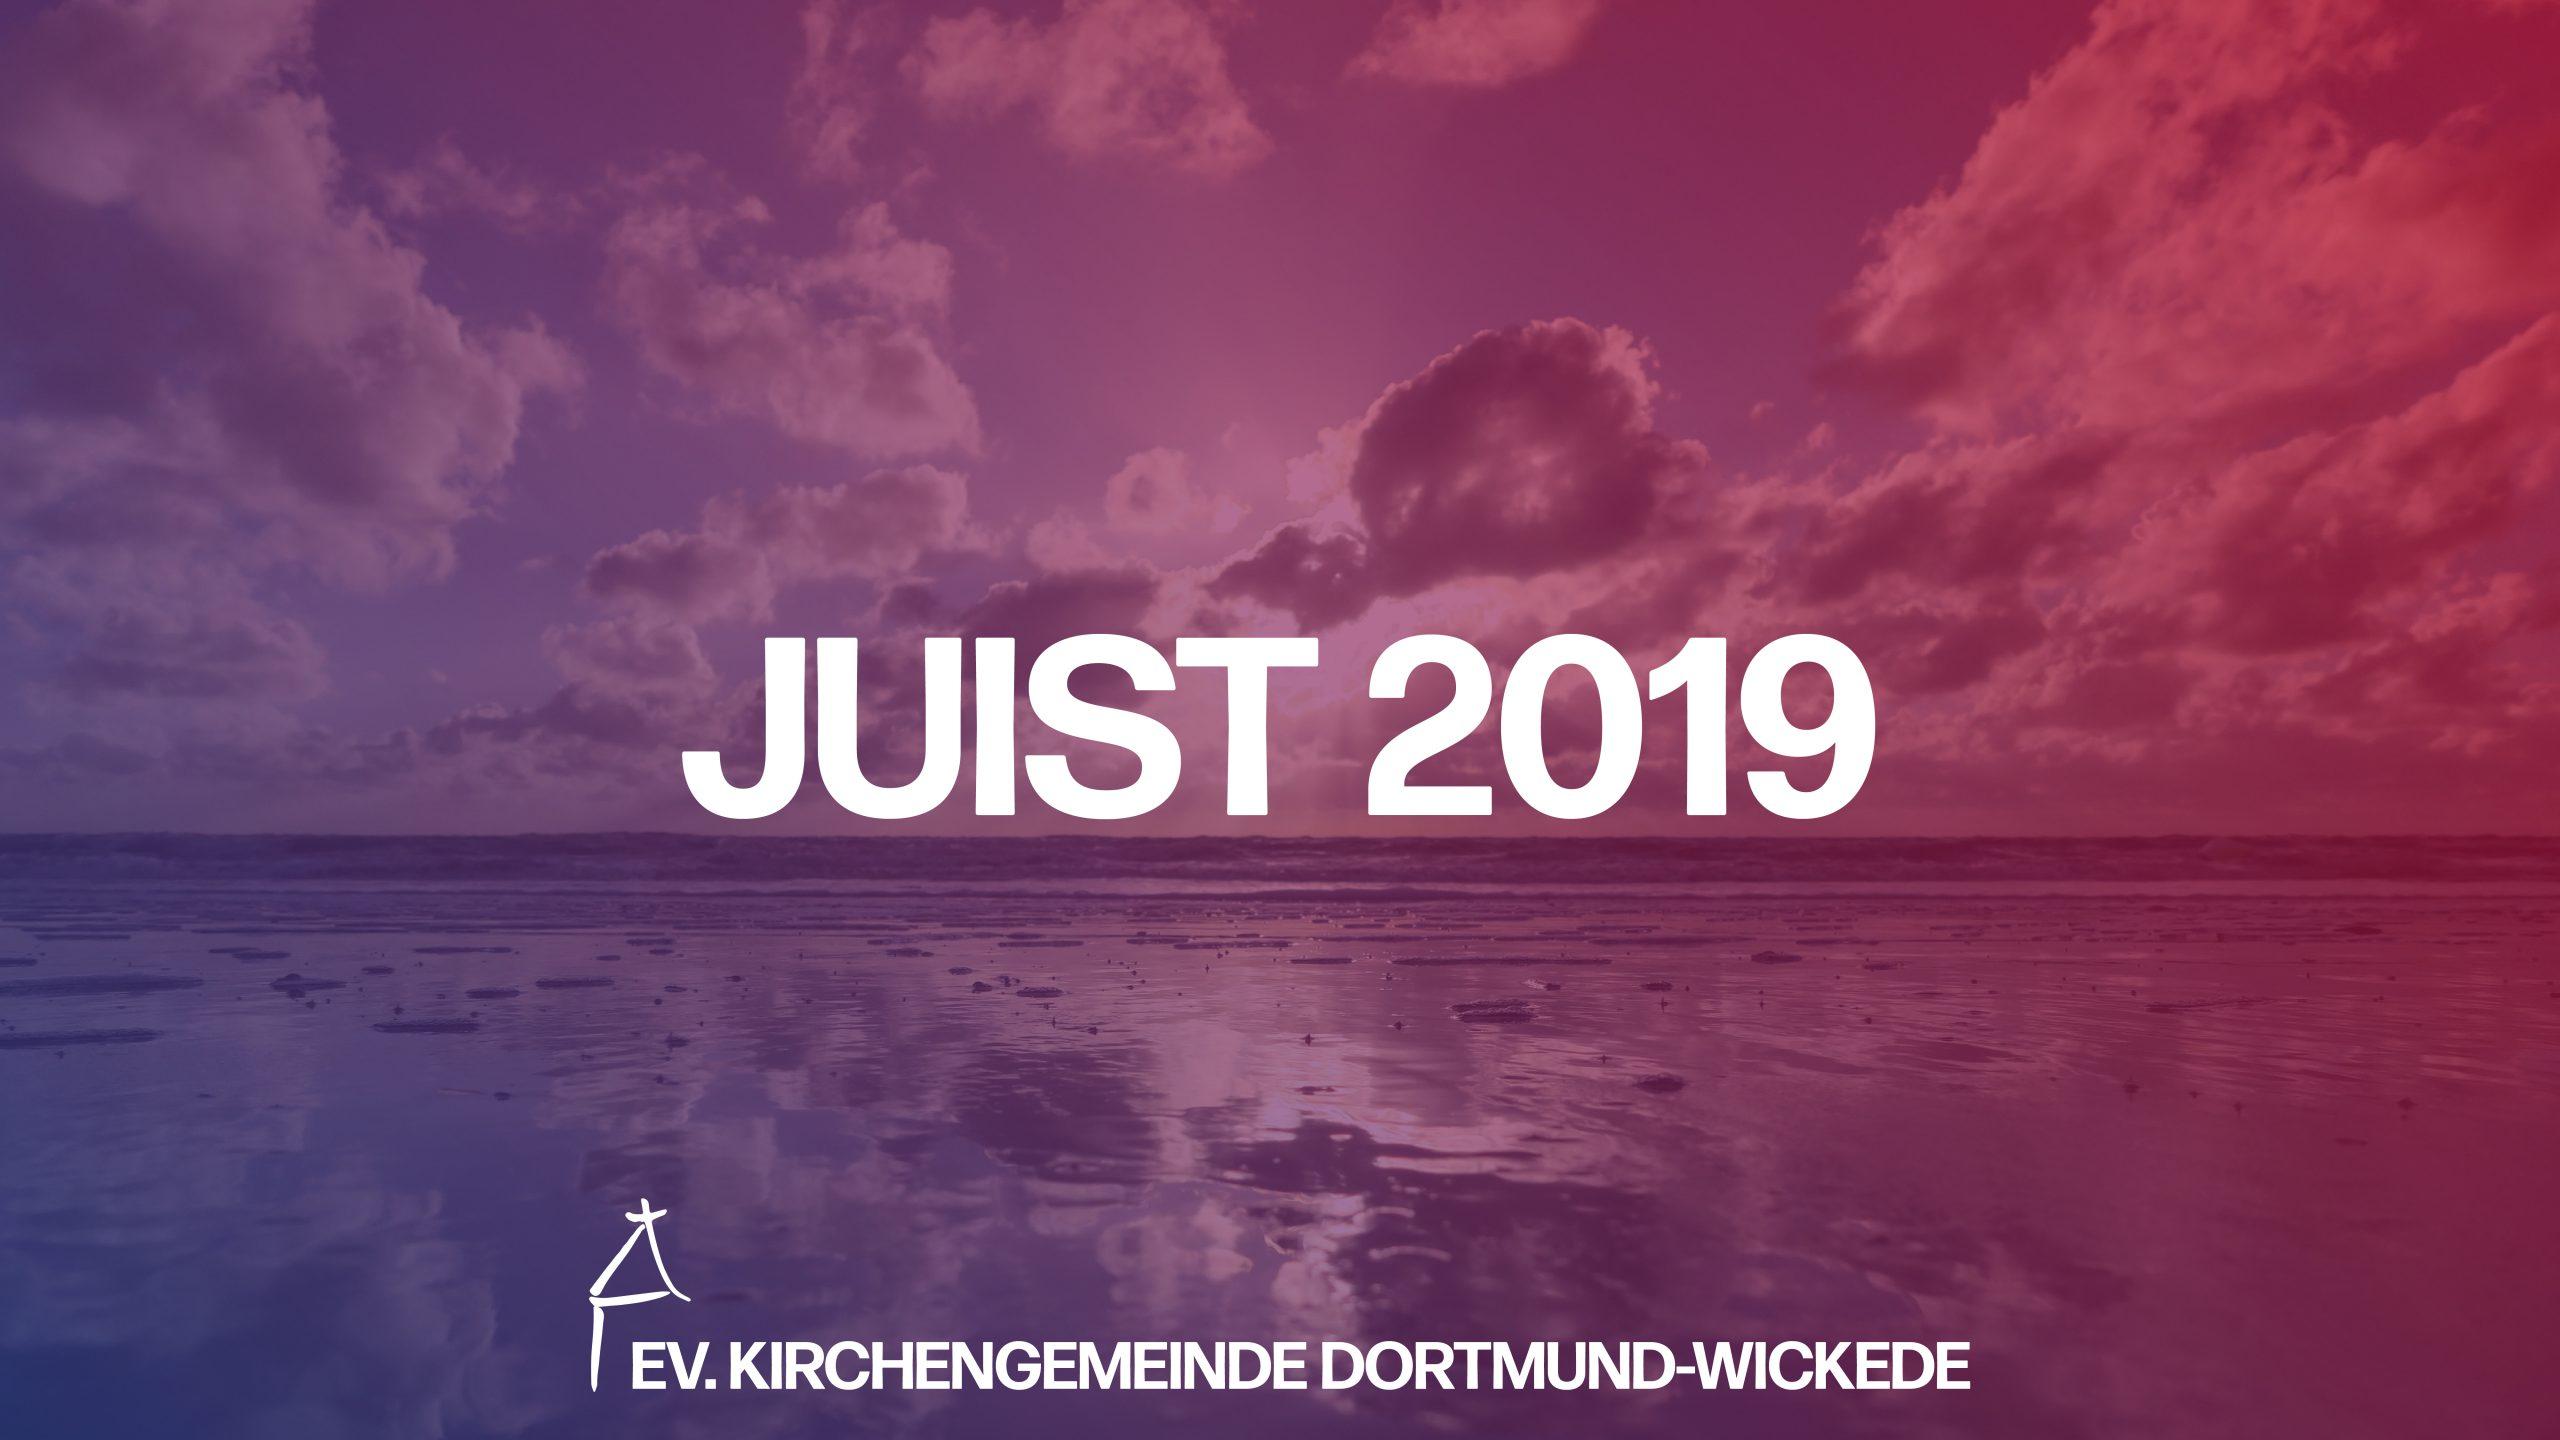 Juist-Freizeit 2019